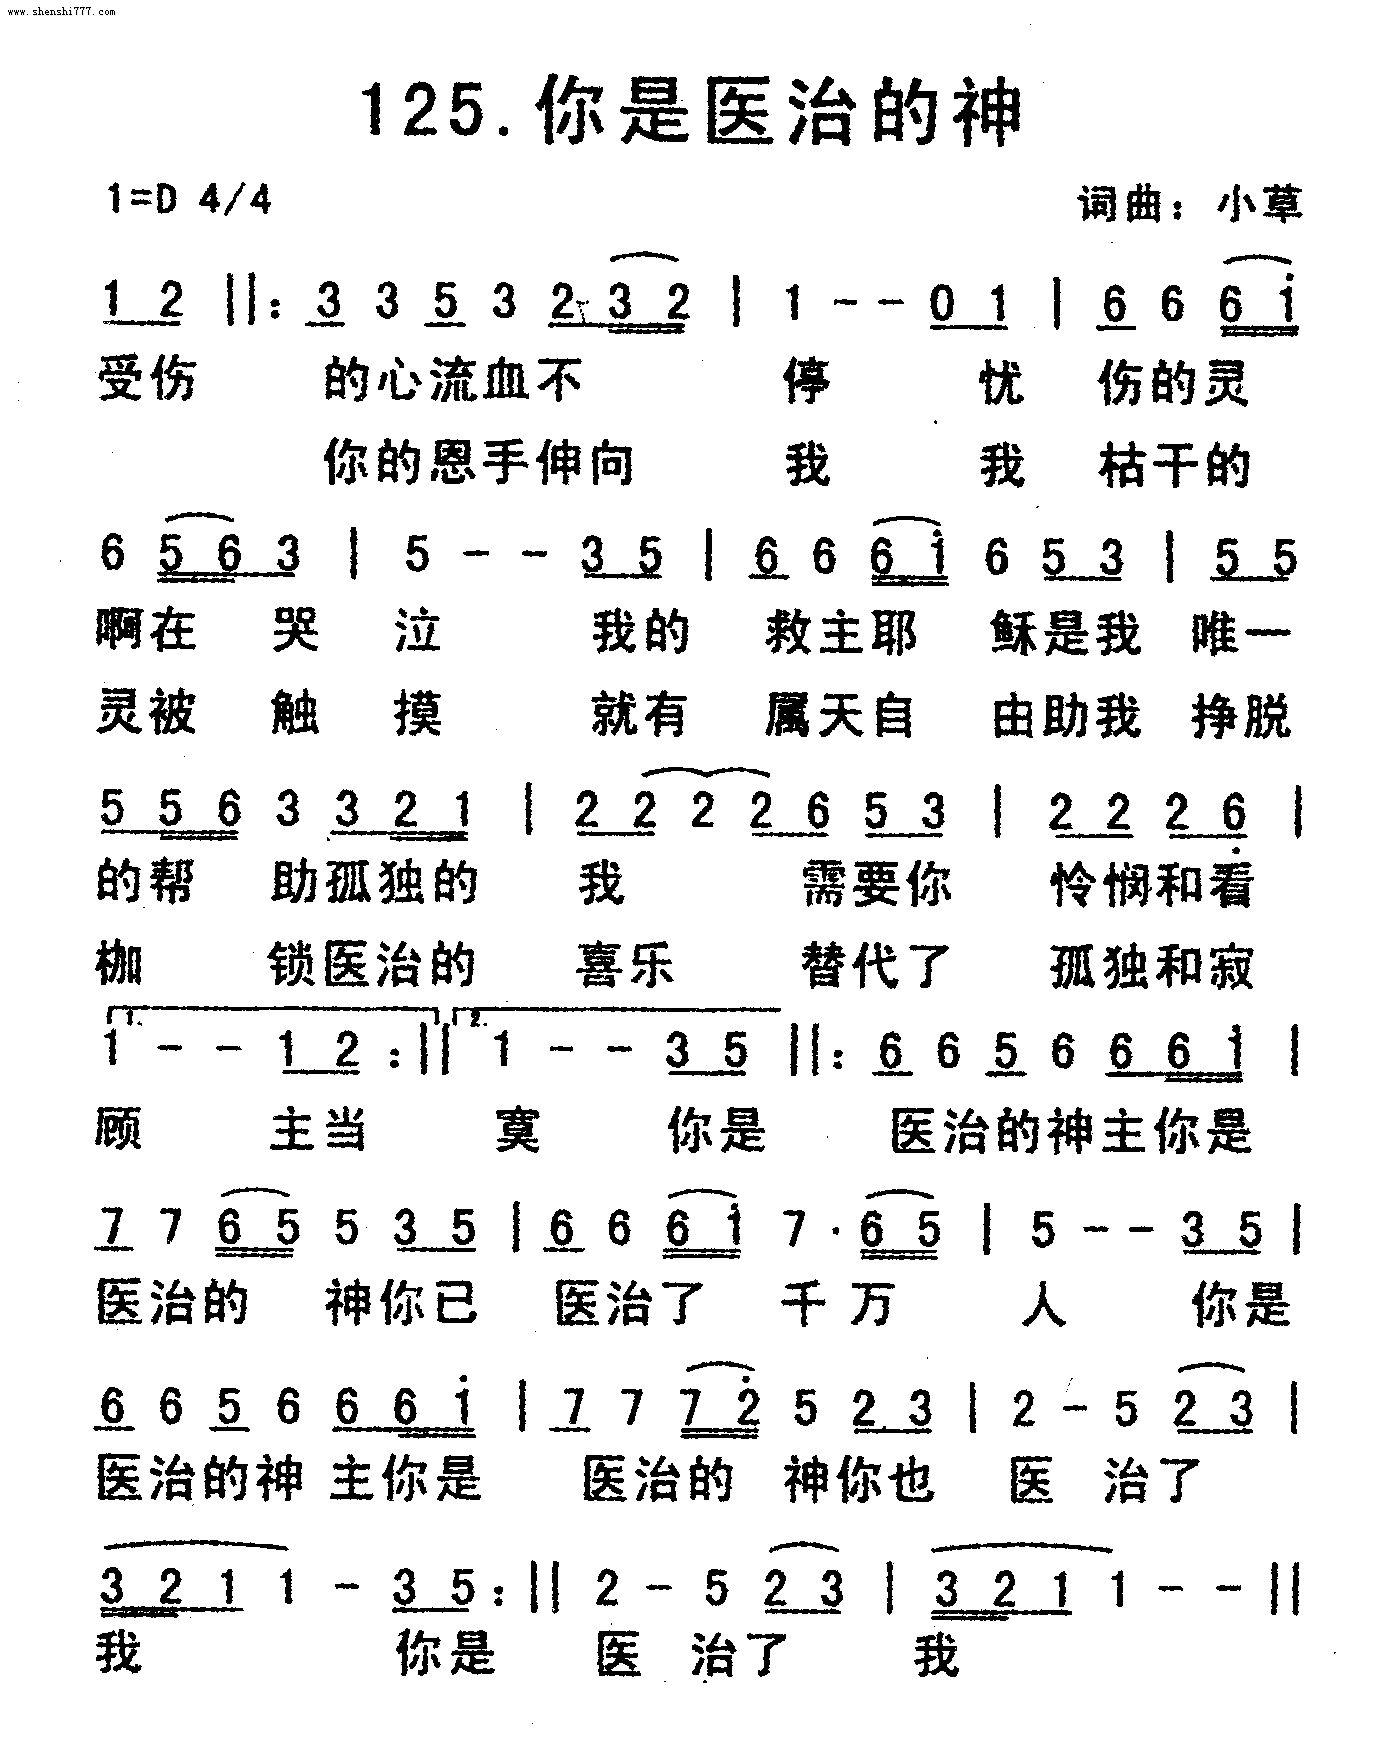 搜索医治-基督教歌谱网